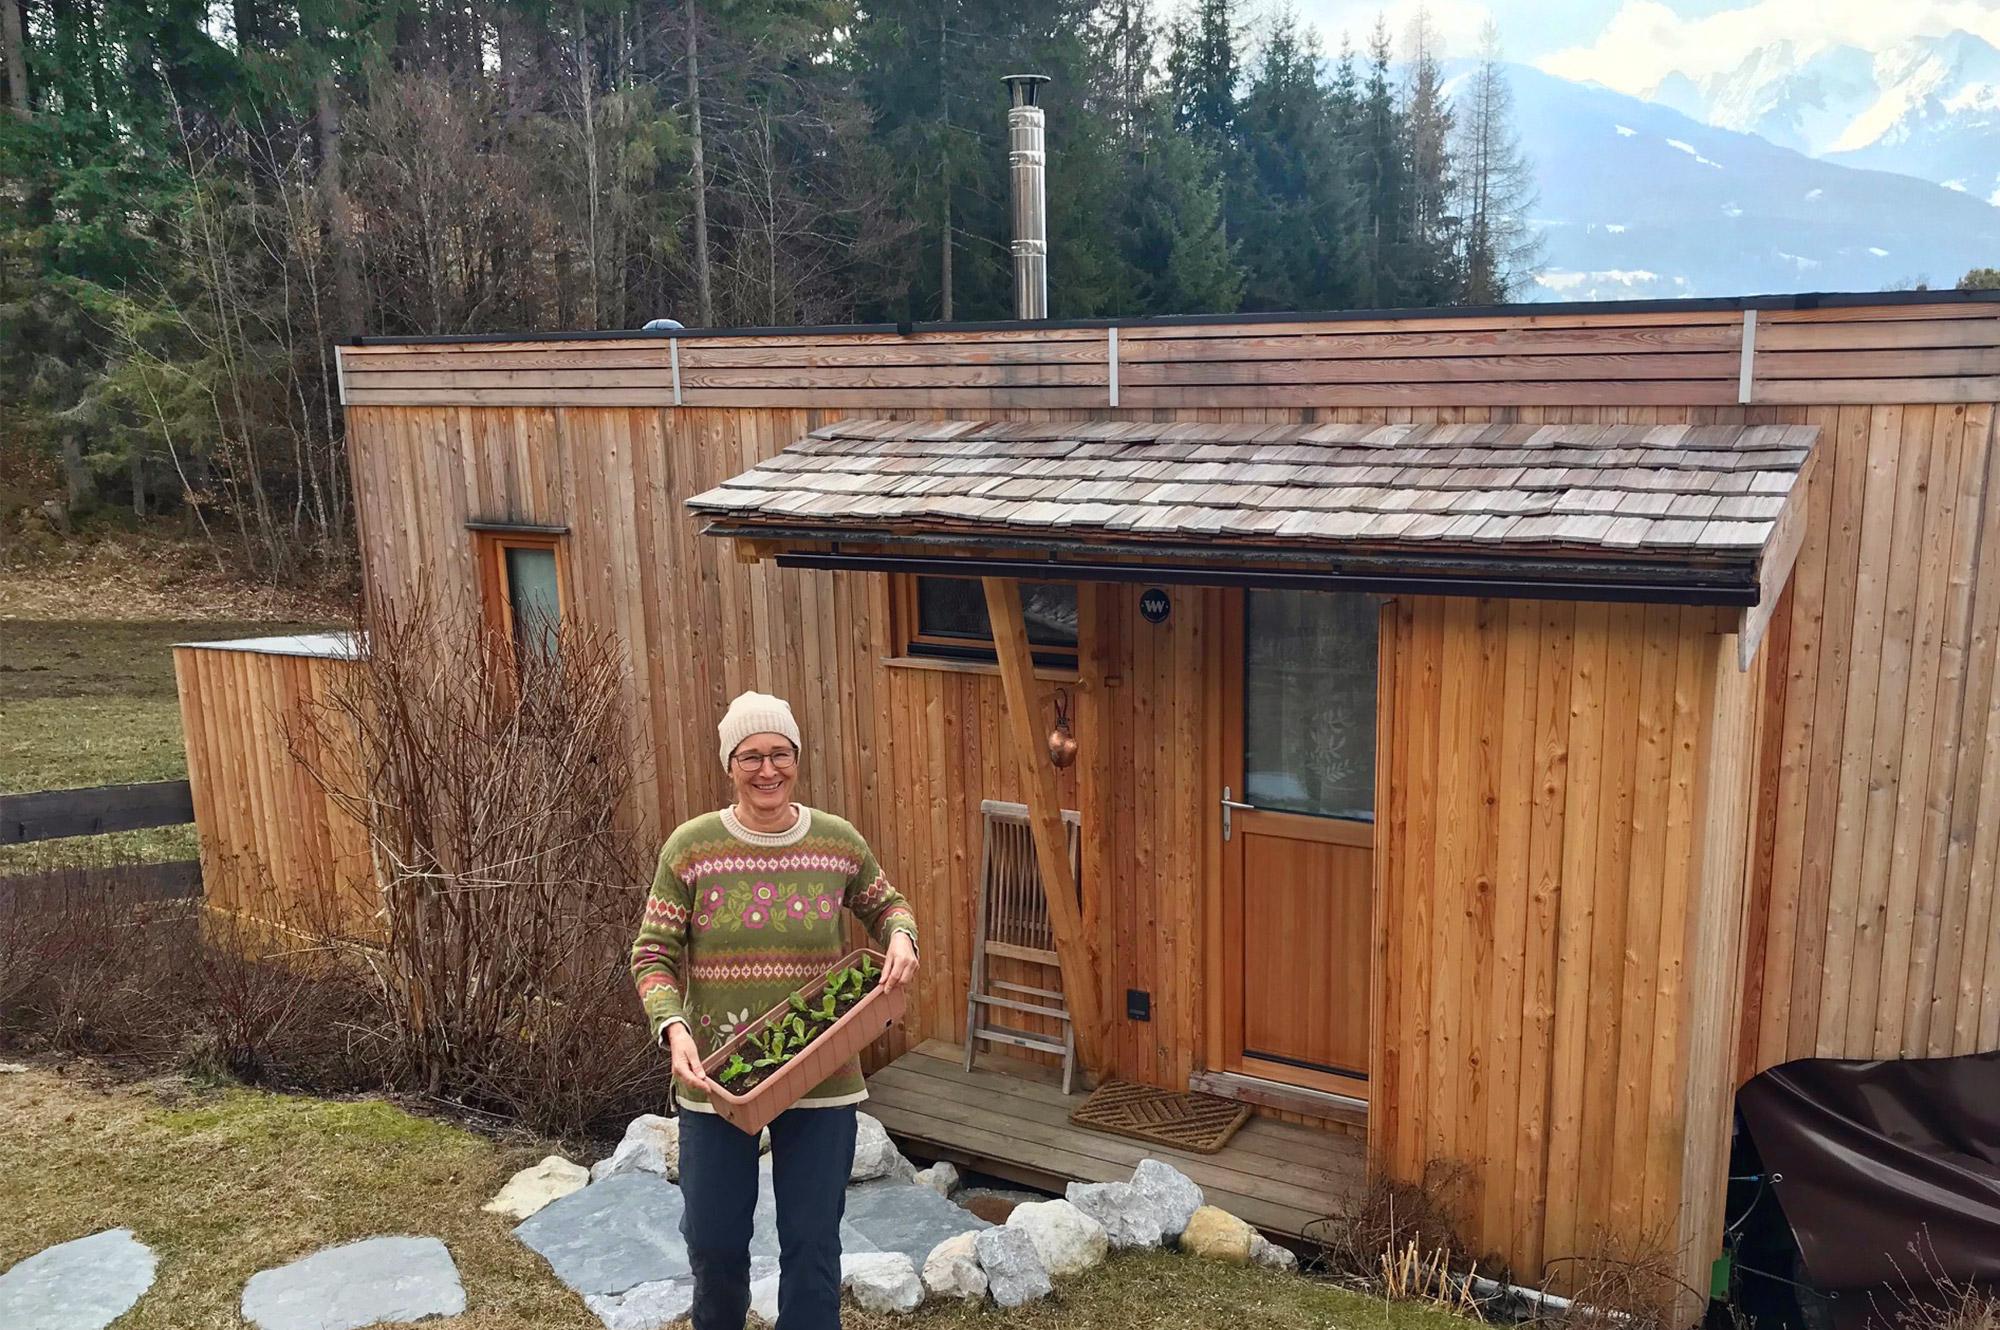 Kirsten bei der Gartenarbeit vor dem Tinyhouse